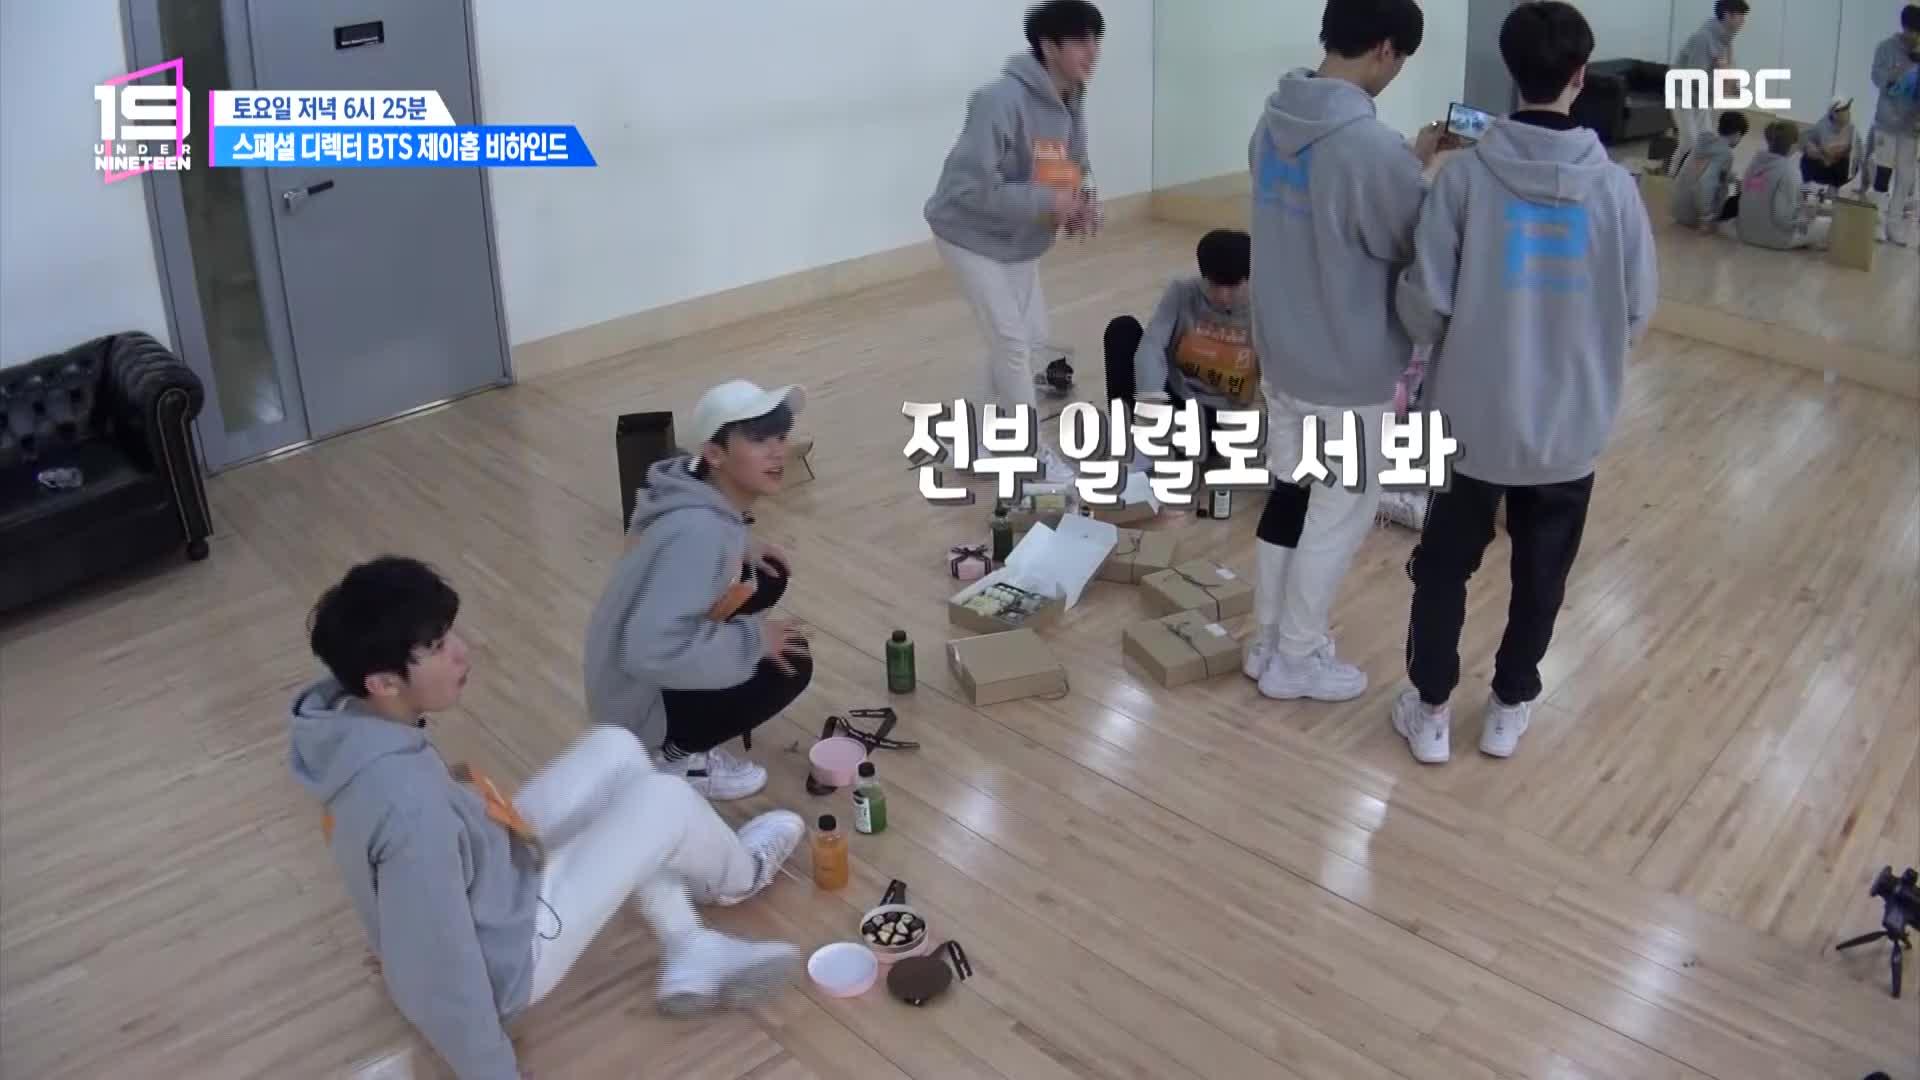 [미방분] 스페셜 디렉터 BTS 제이홉 비하인드